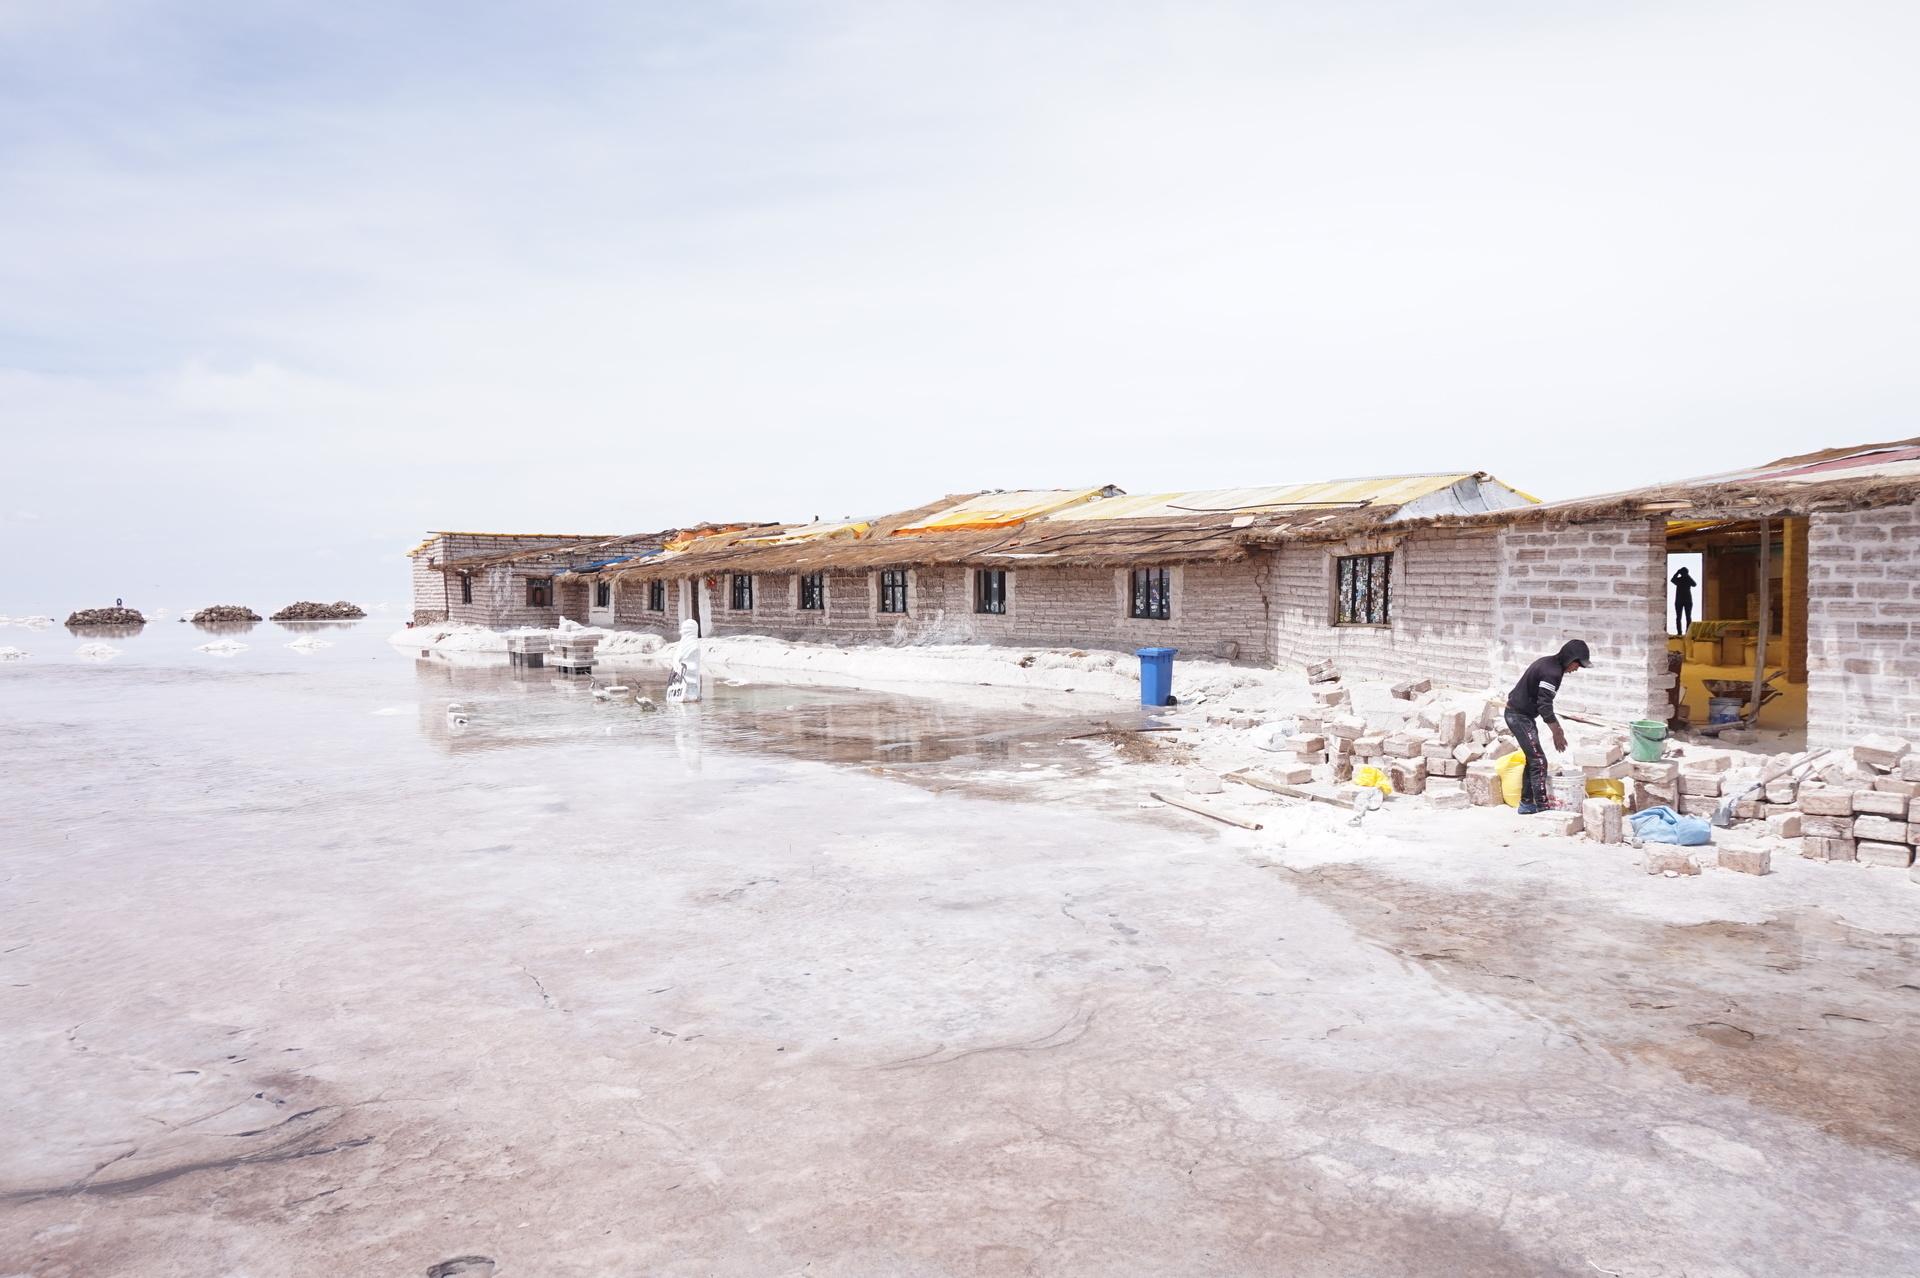 チリ ボリビア ウユニ旅行 2泊3日ツアー 白いビーチ